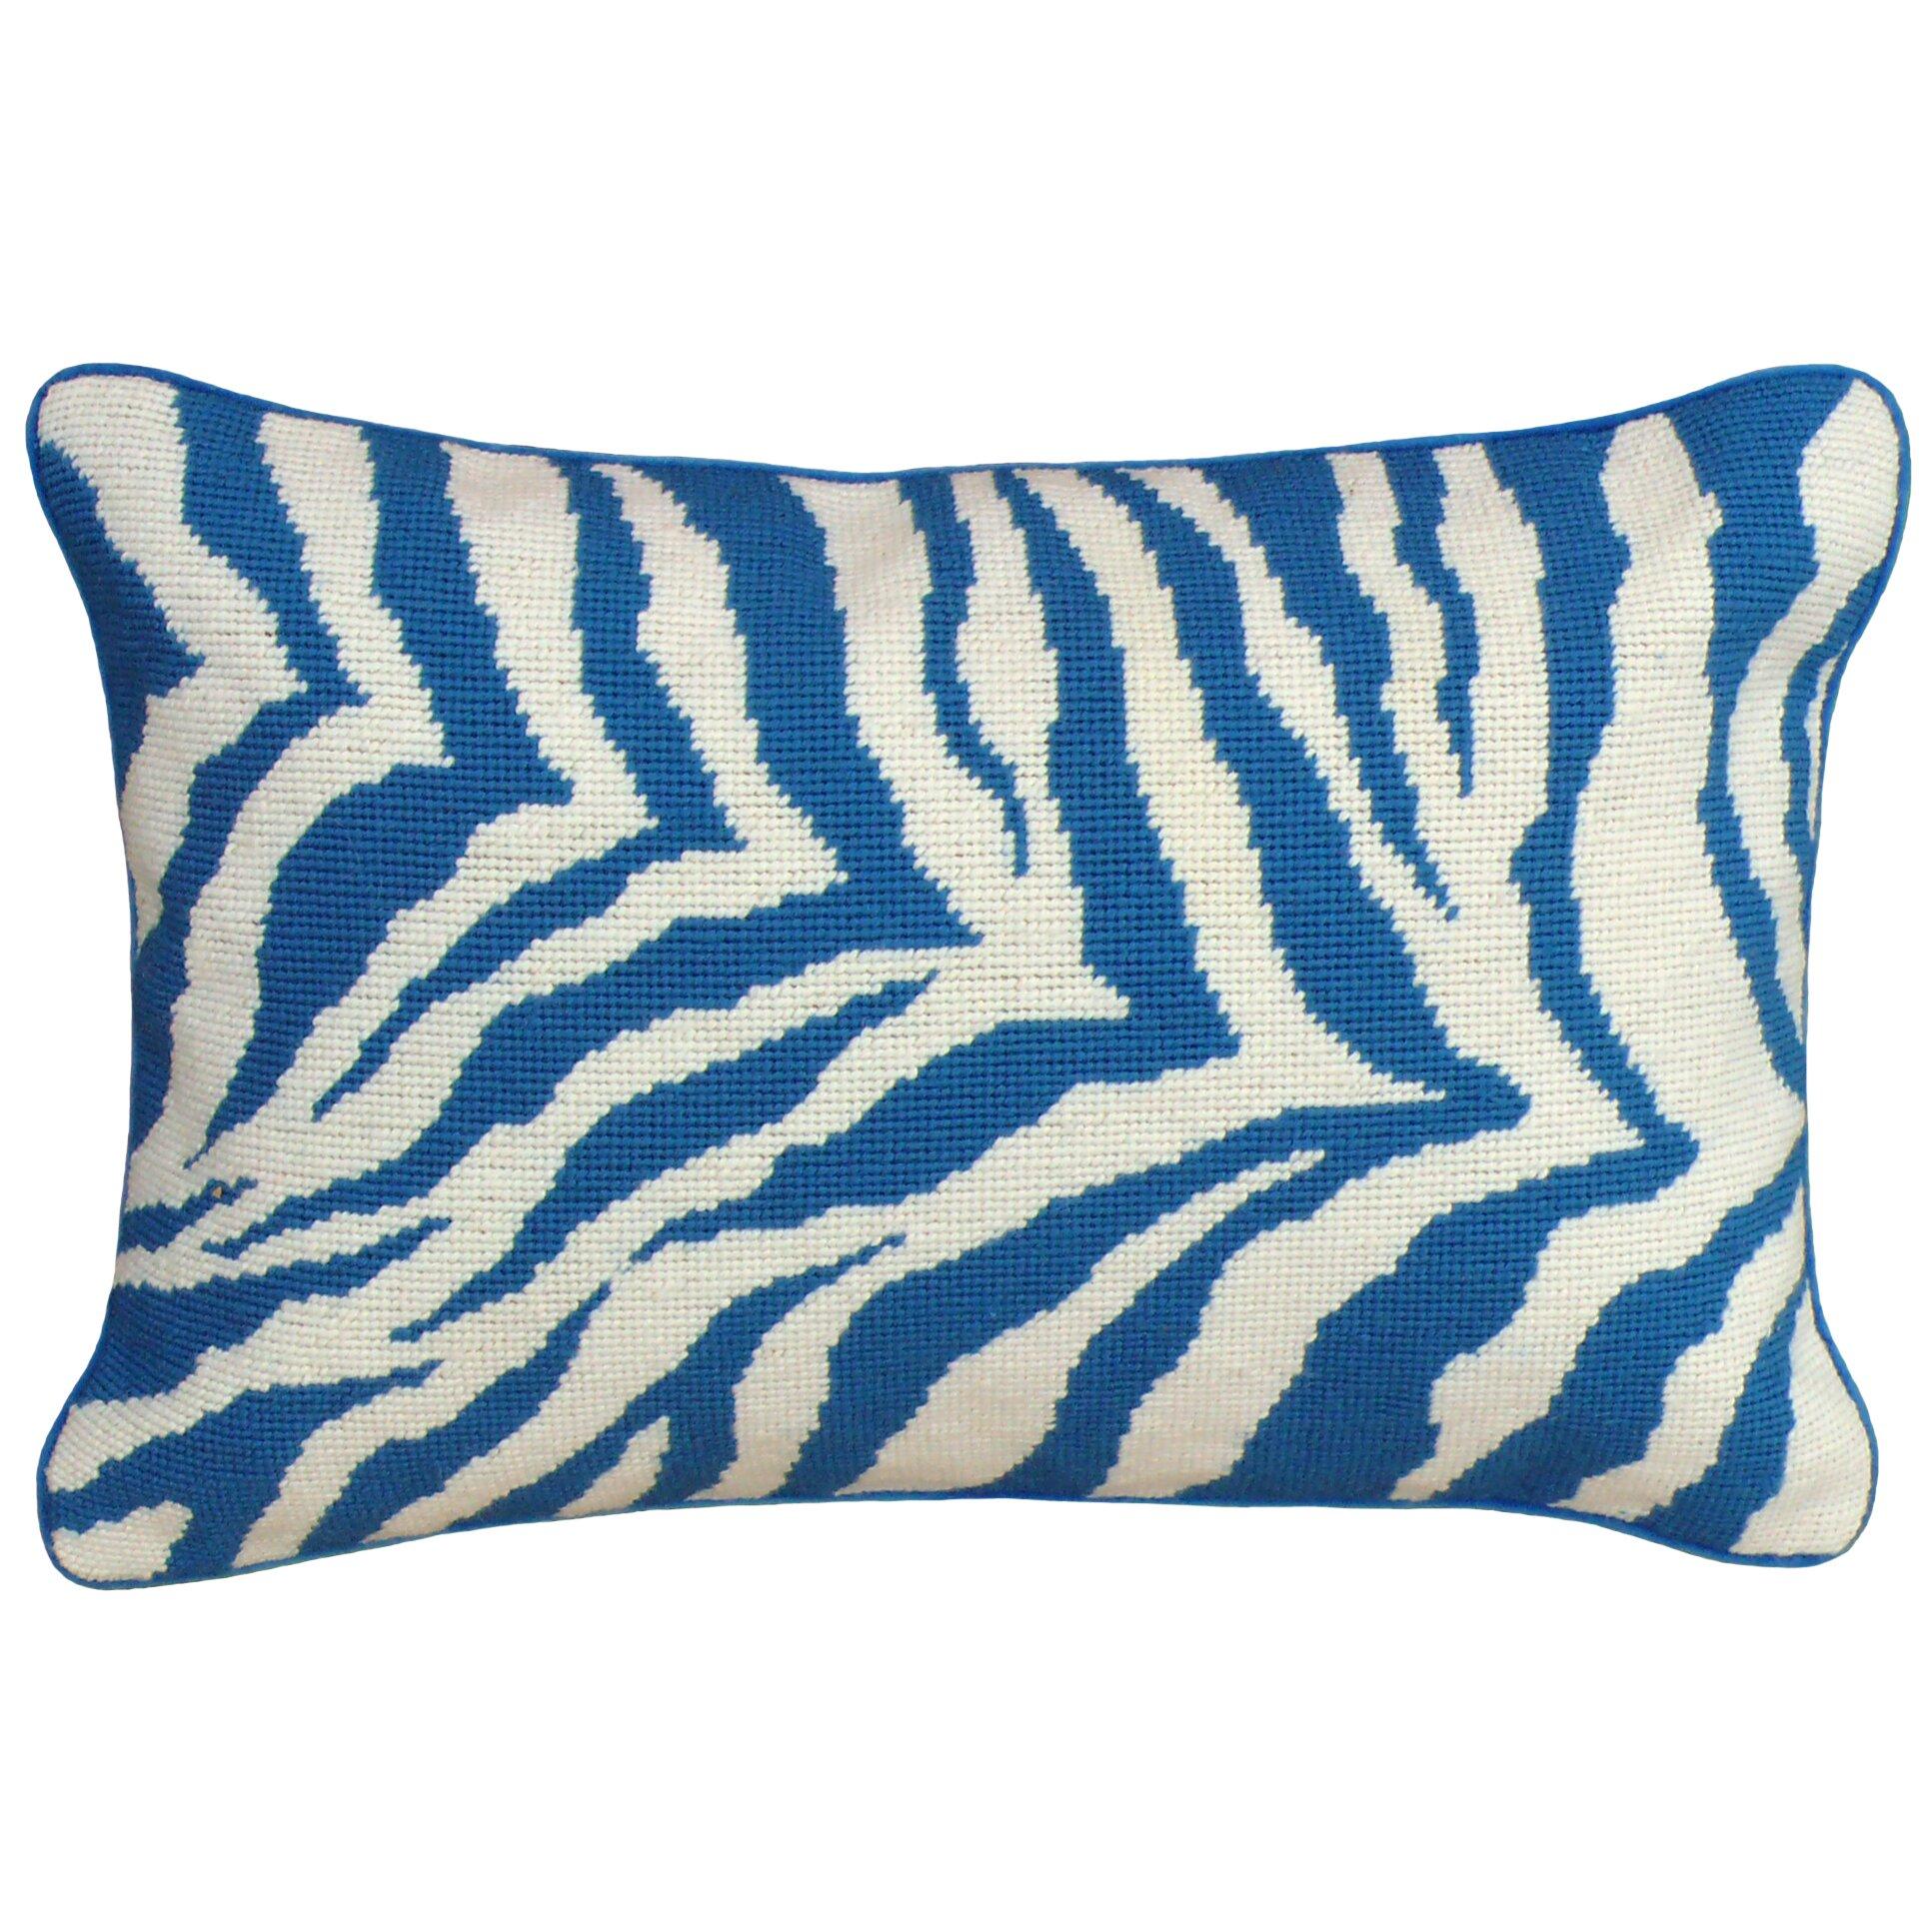 123 Creations Zebra Needlepoint Wool Lumbar Pillow Wayfair